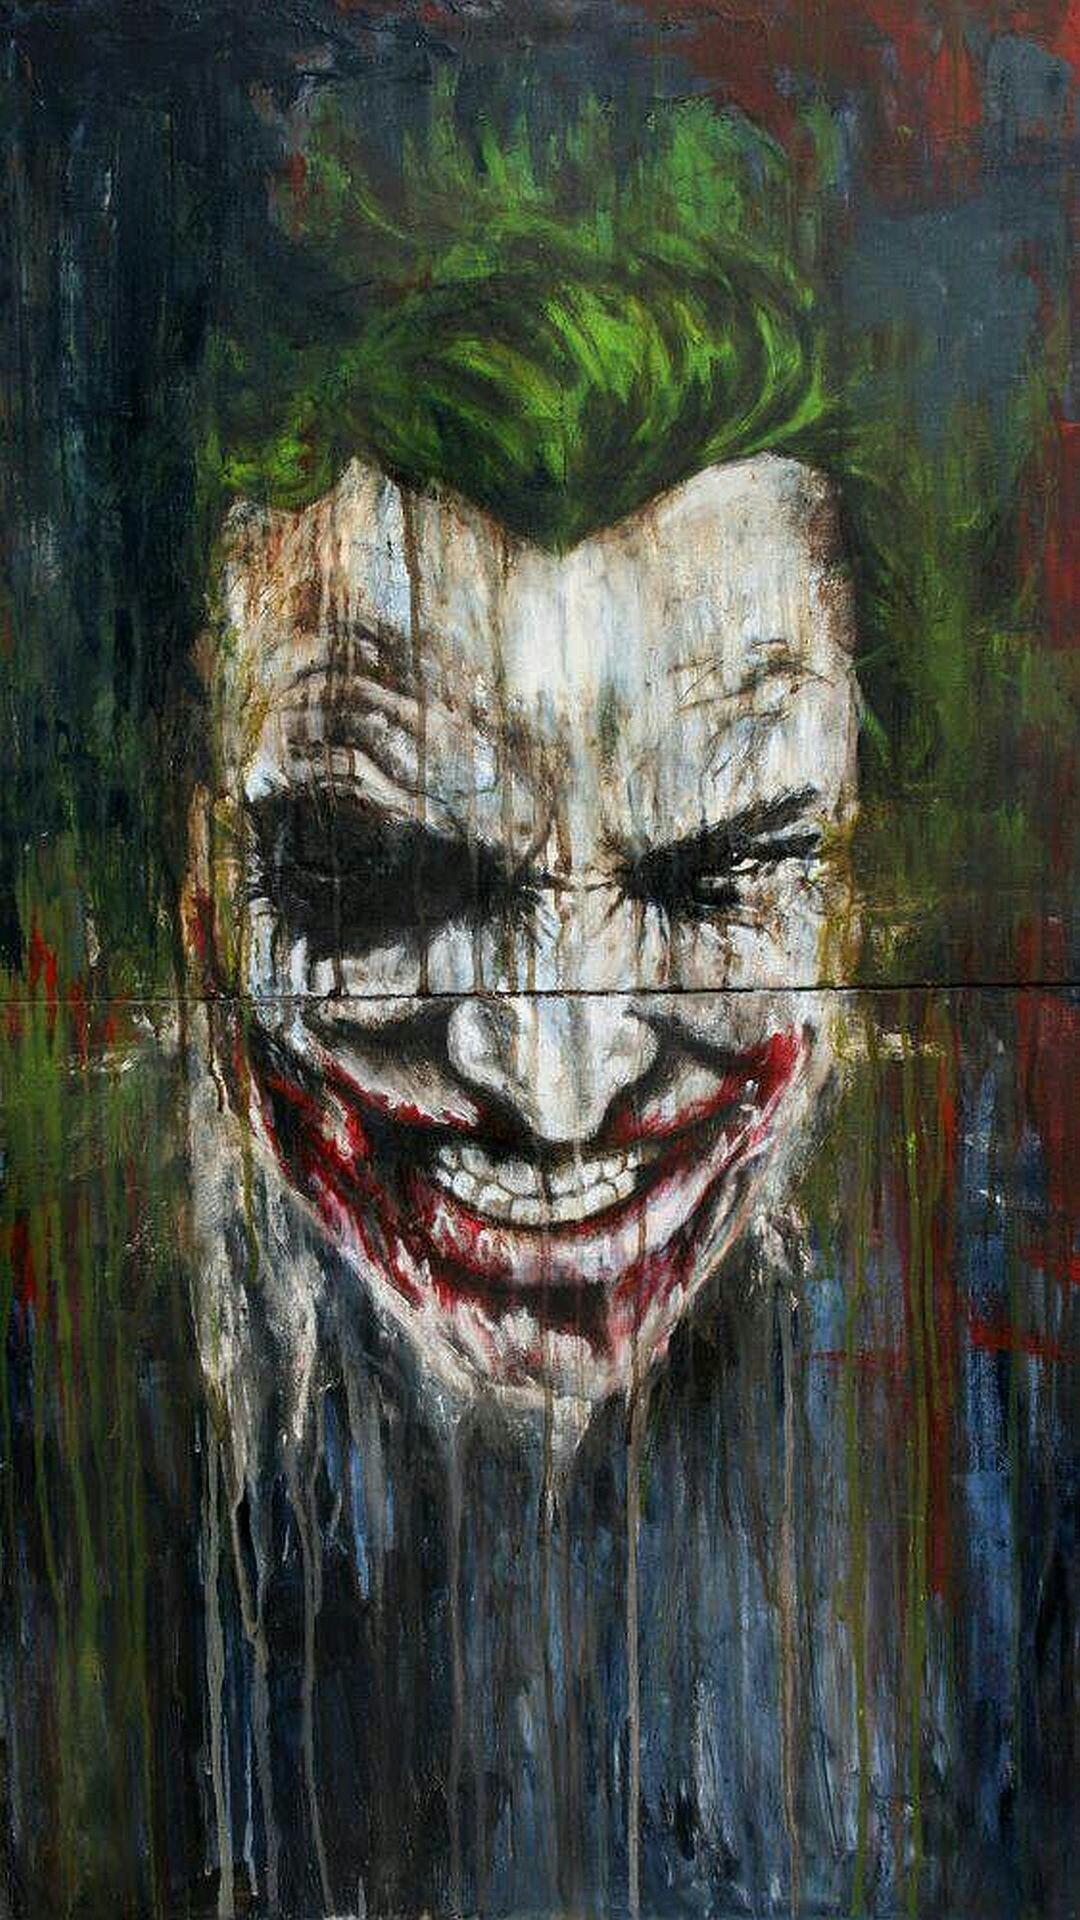 Joker Wallpaper cc8b66251218af2a3e4d852974567368 ...